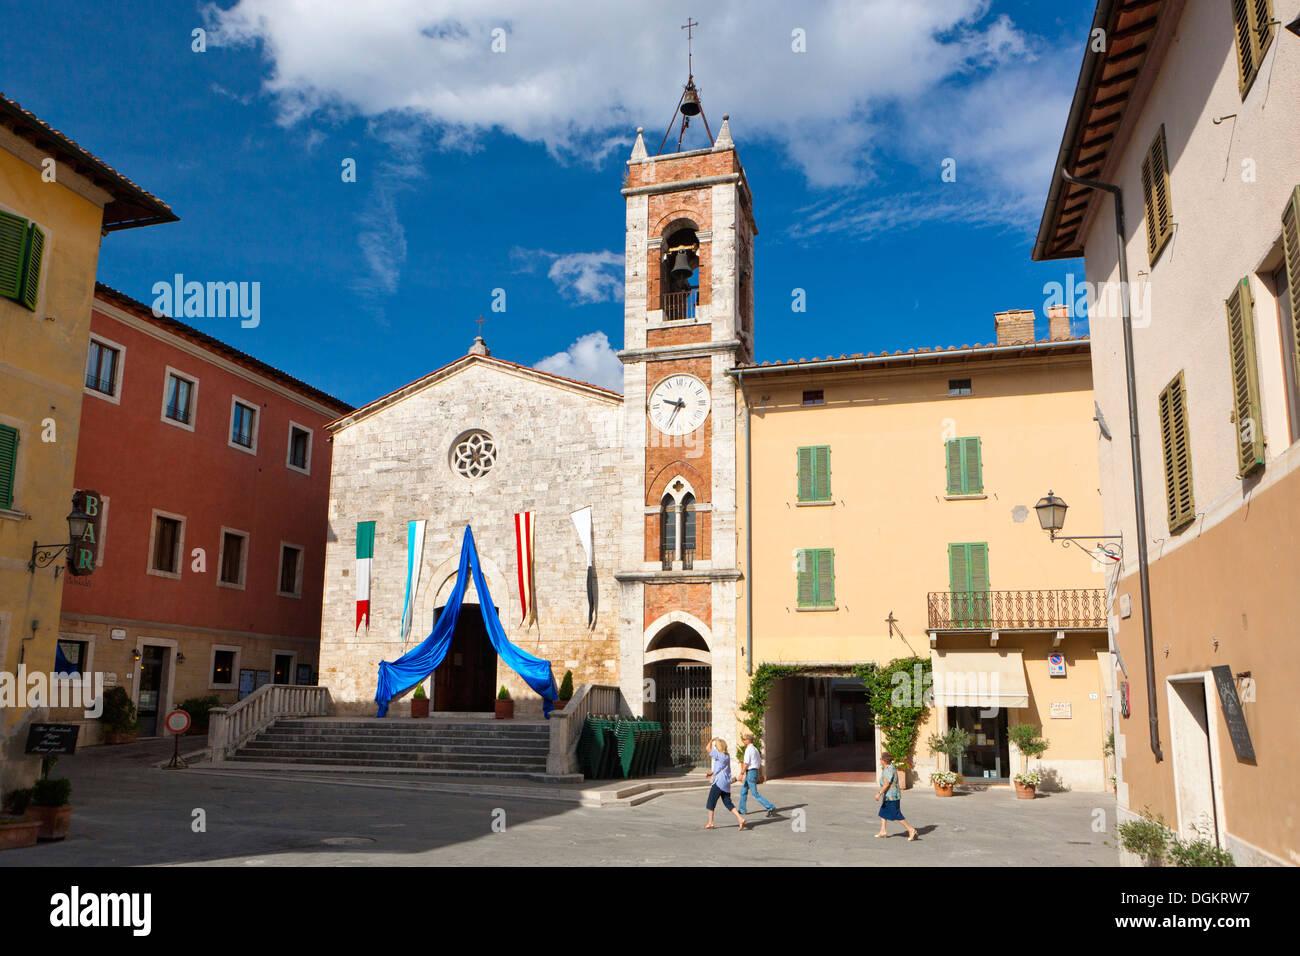 A view to Piazza della Liberta and Chiesa di San Francesco. Stock Photo